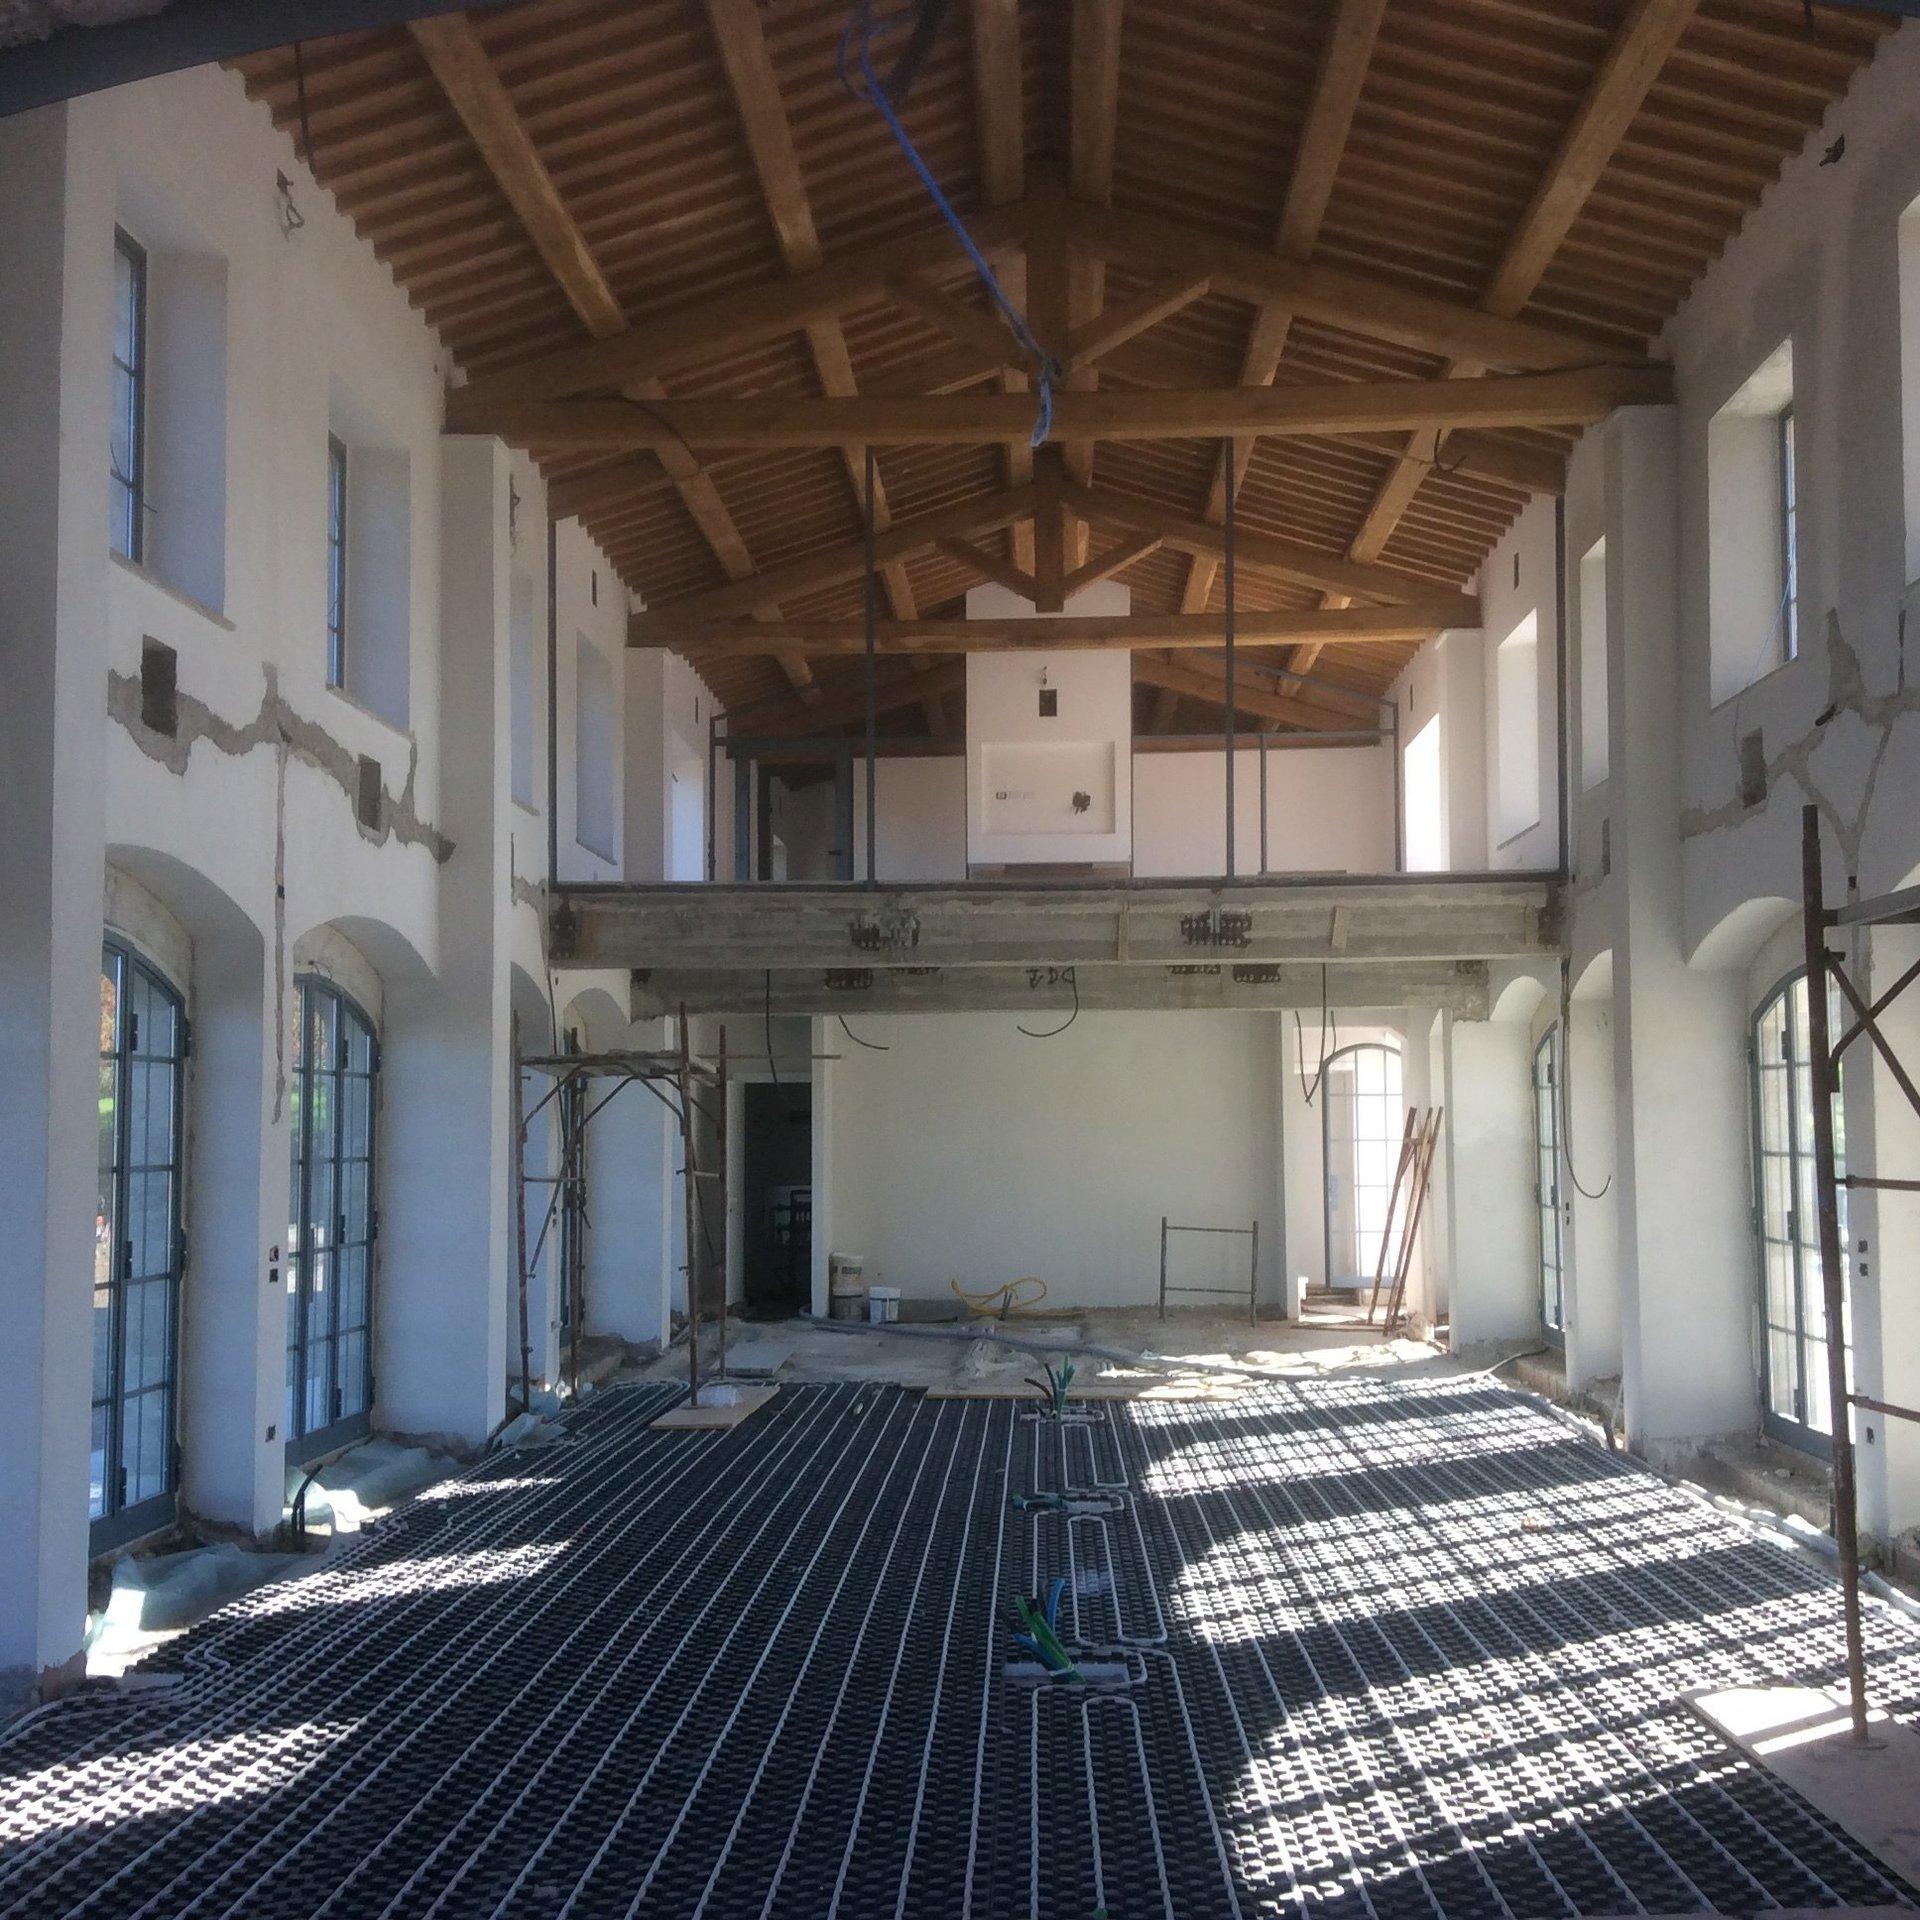 Grande stanza con tetto in travi di legno